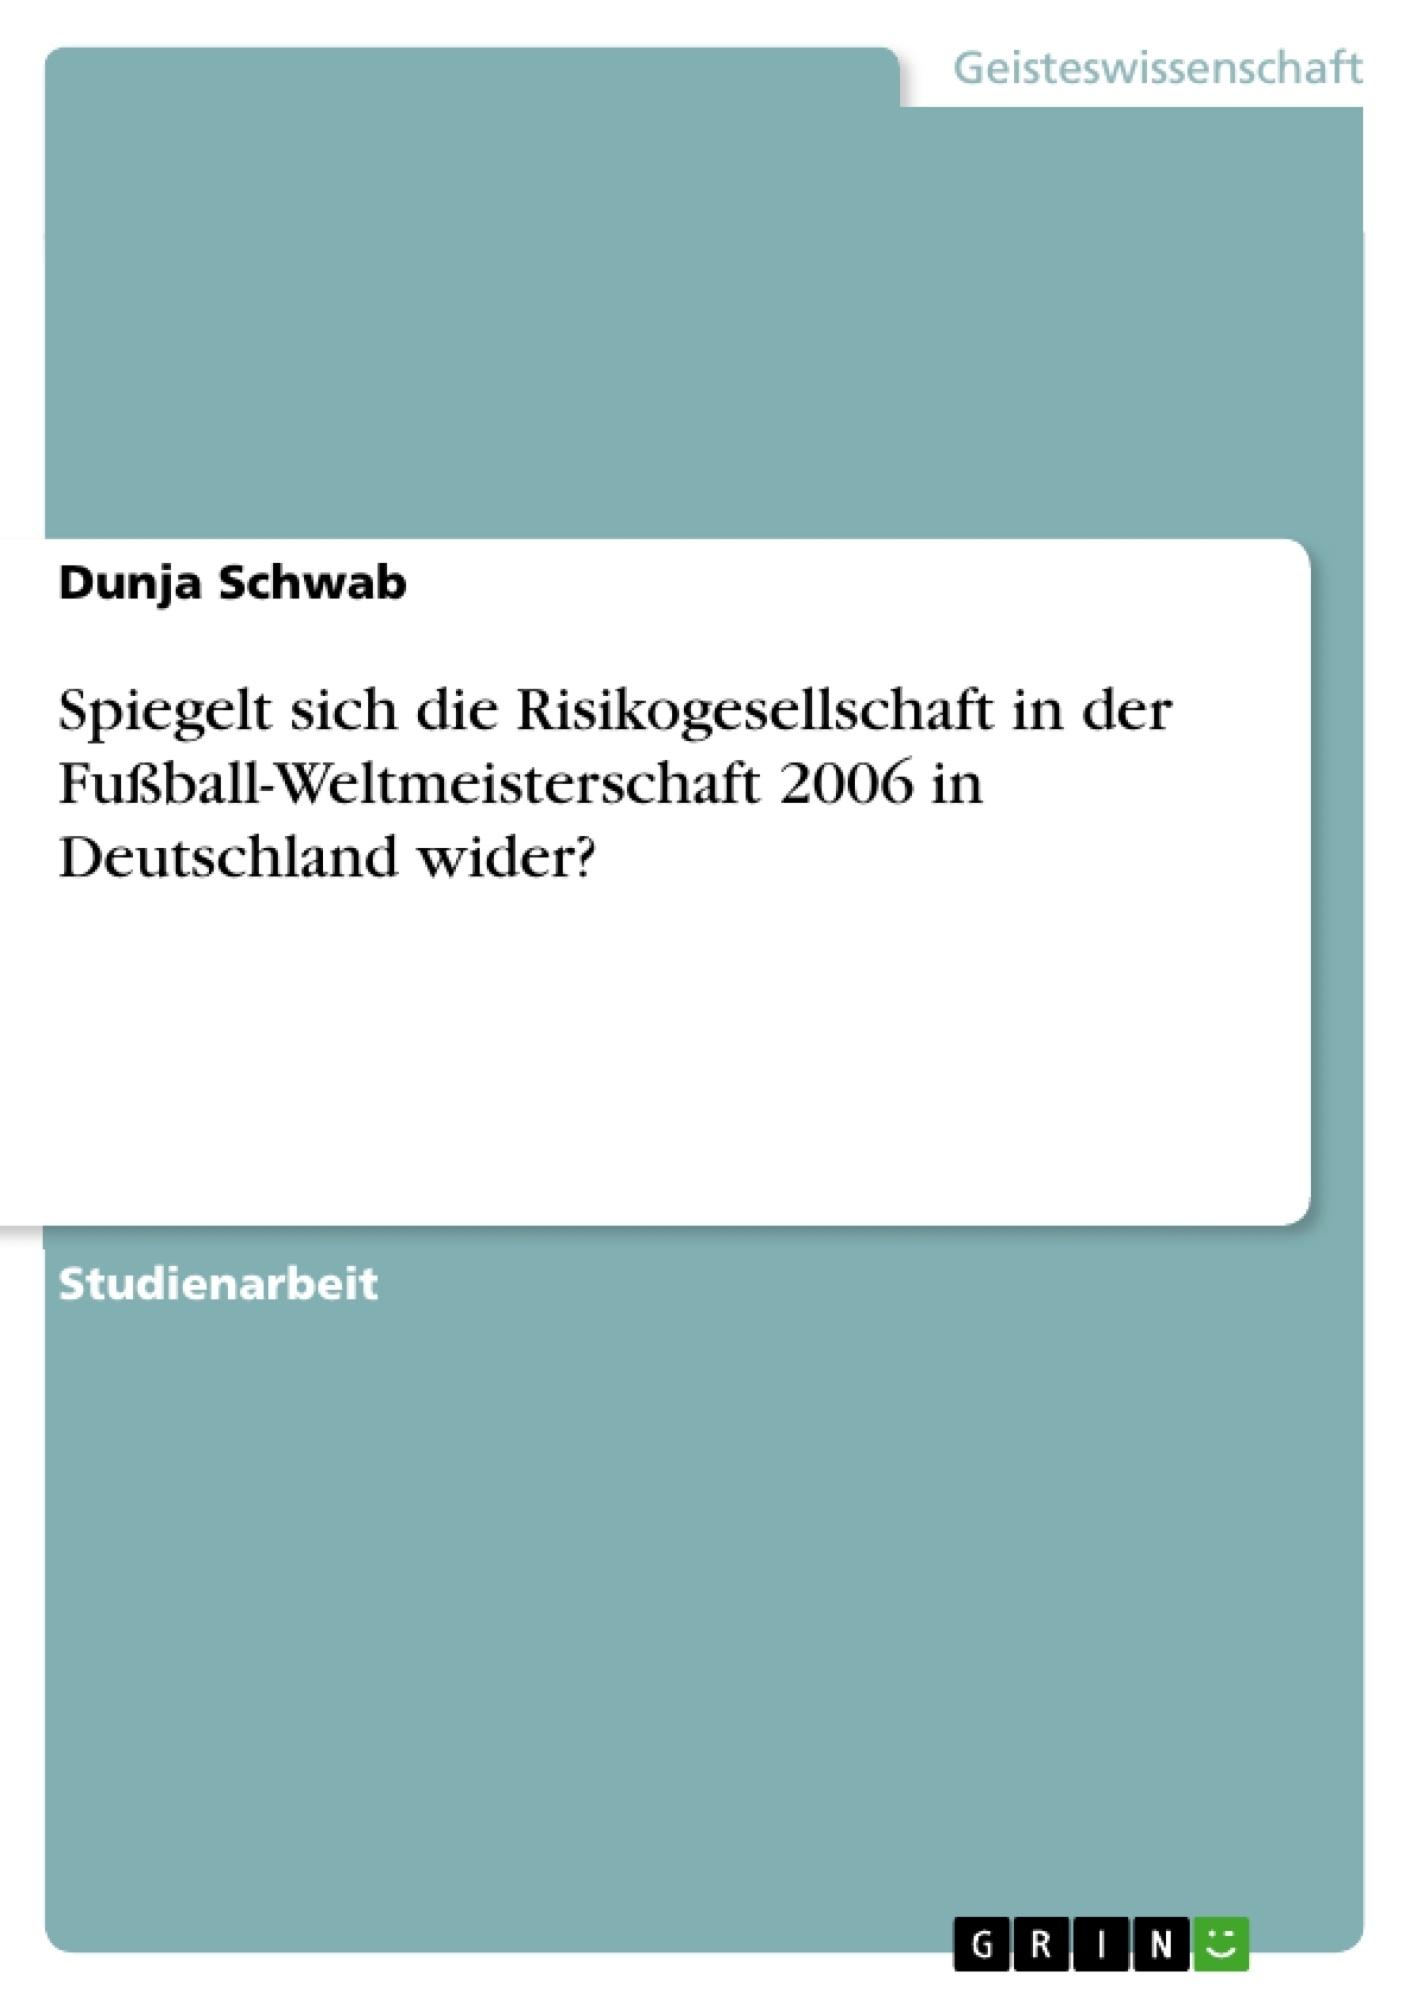 Titel: Spiegelt sich die Risikogesellschaft in der Fußball-Weltmeisterschaft 2006 in Deutschland wider?